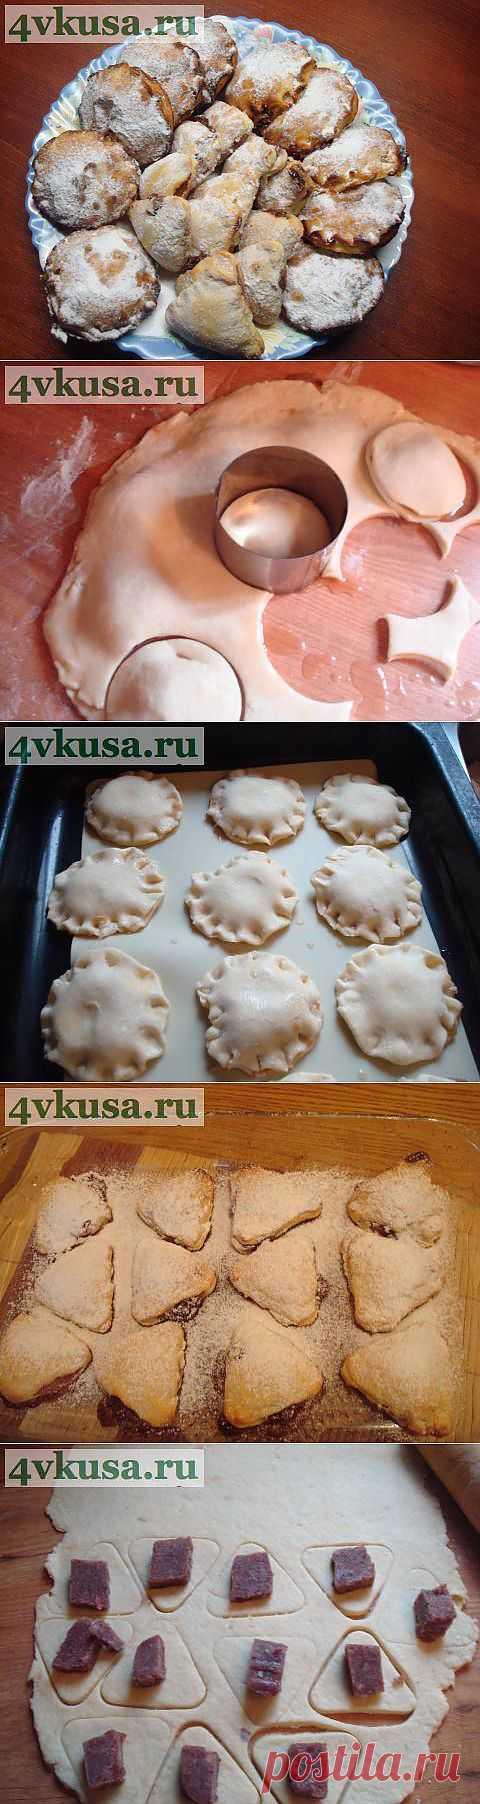 Творожное печенье с начинками | 4vkusa.ru